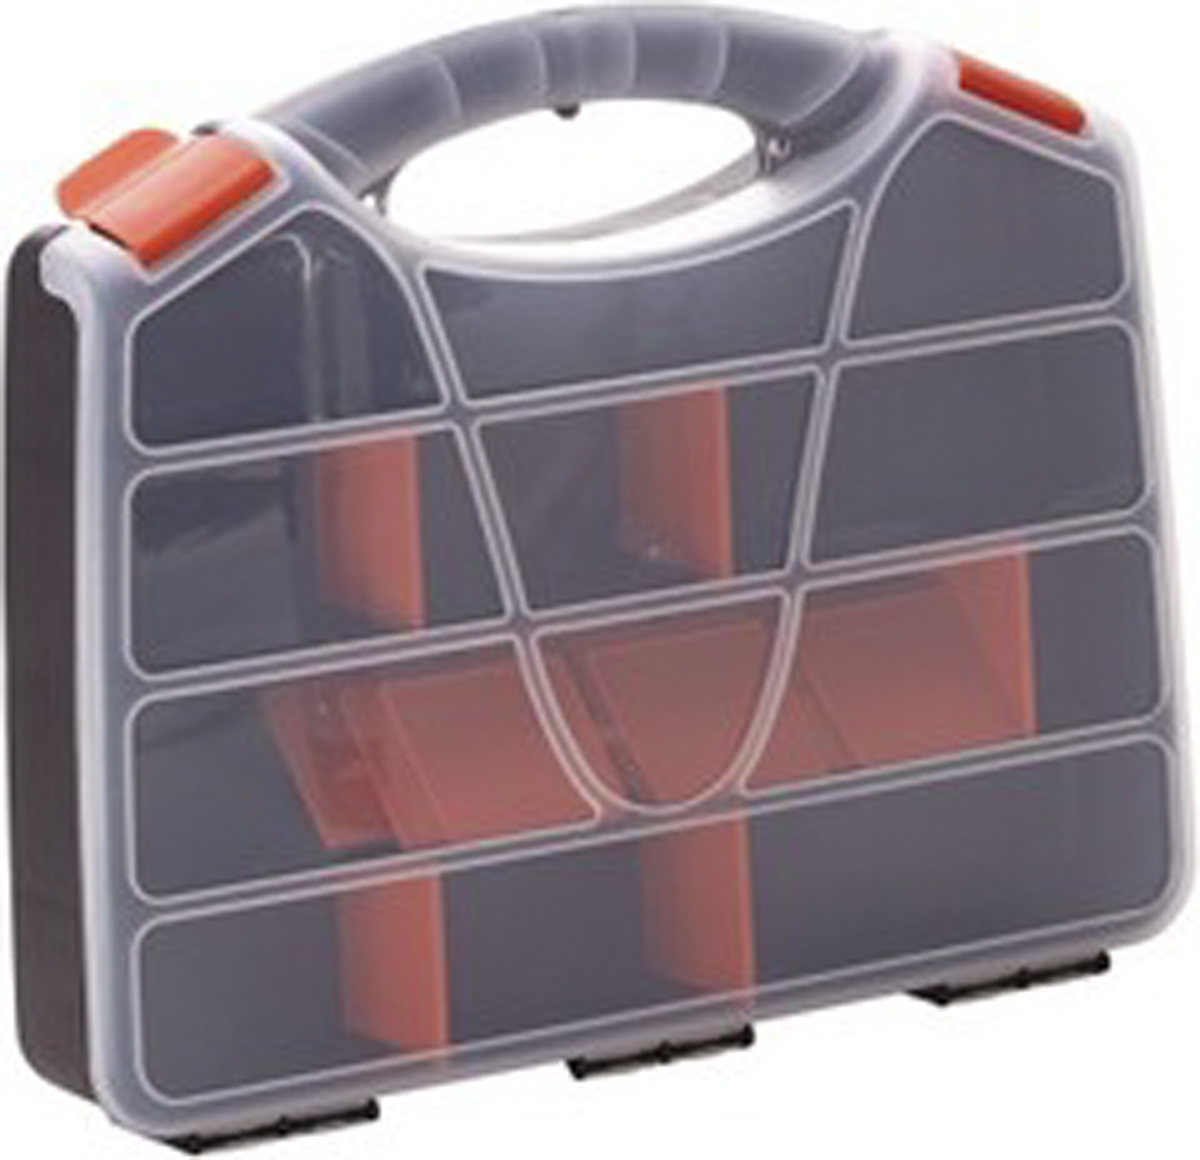 Органайзер для инструментов Blocker Profi, цвет: серый, оранжевый, 38 х 31 х 6,5 смPEP002 granitoУдобный органайзер Blocker Profi предназначен дляпереноски и хранения инструментов. Изделие выполненоиз высококачественного полипропилена и оснащено 21ячейкой. Прозрачная крышка, небольшой размер ипродуманная эргономика делают хранение любыхмелочей простым и эффективным. Надежные замкипредохраняют от случайного открытия. Съемныеразделители позволяют организовать пространство всоответствии с вашими пожеланиями.Размер ячеек: 5 х 5,5 см.Количество разделителей: 18 шт.